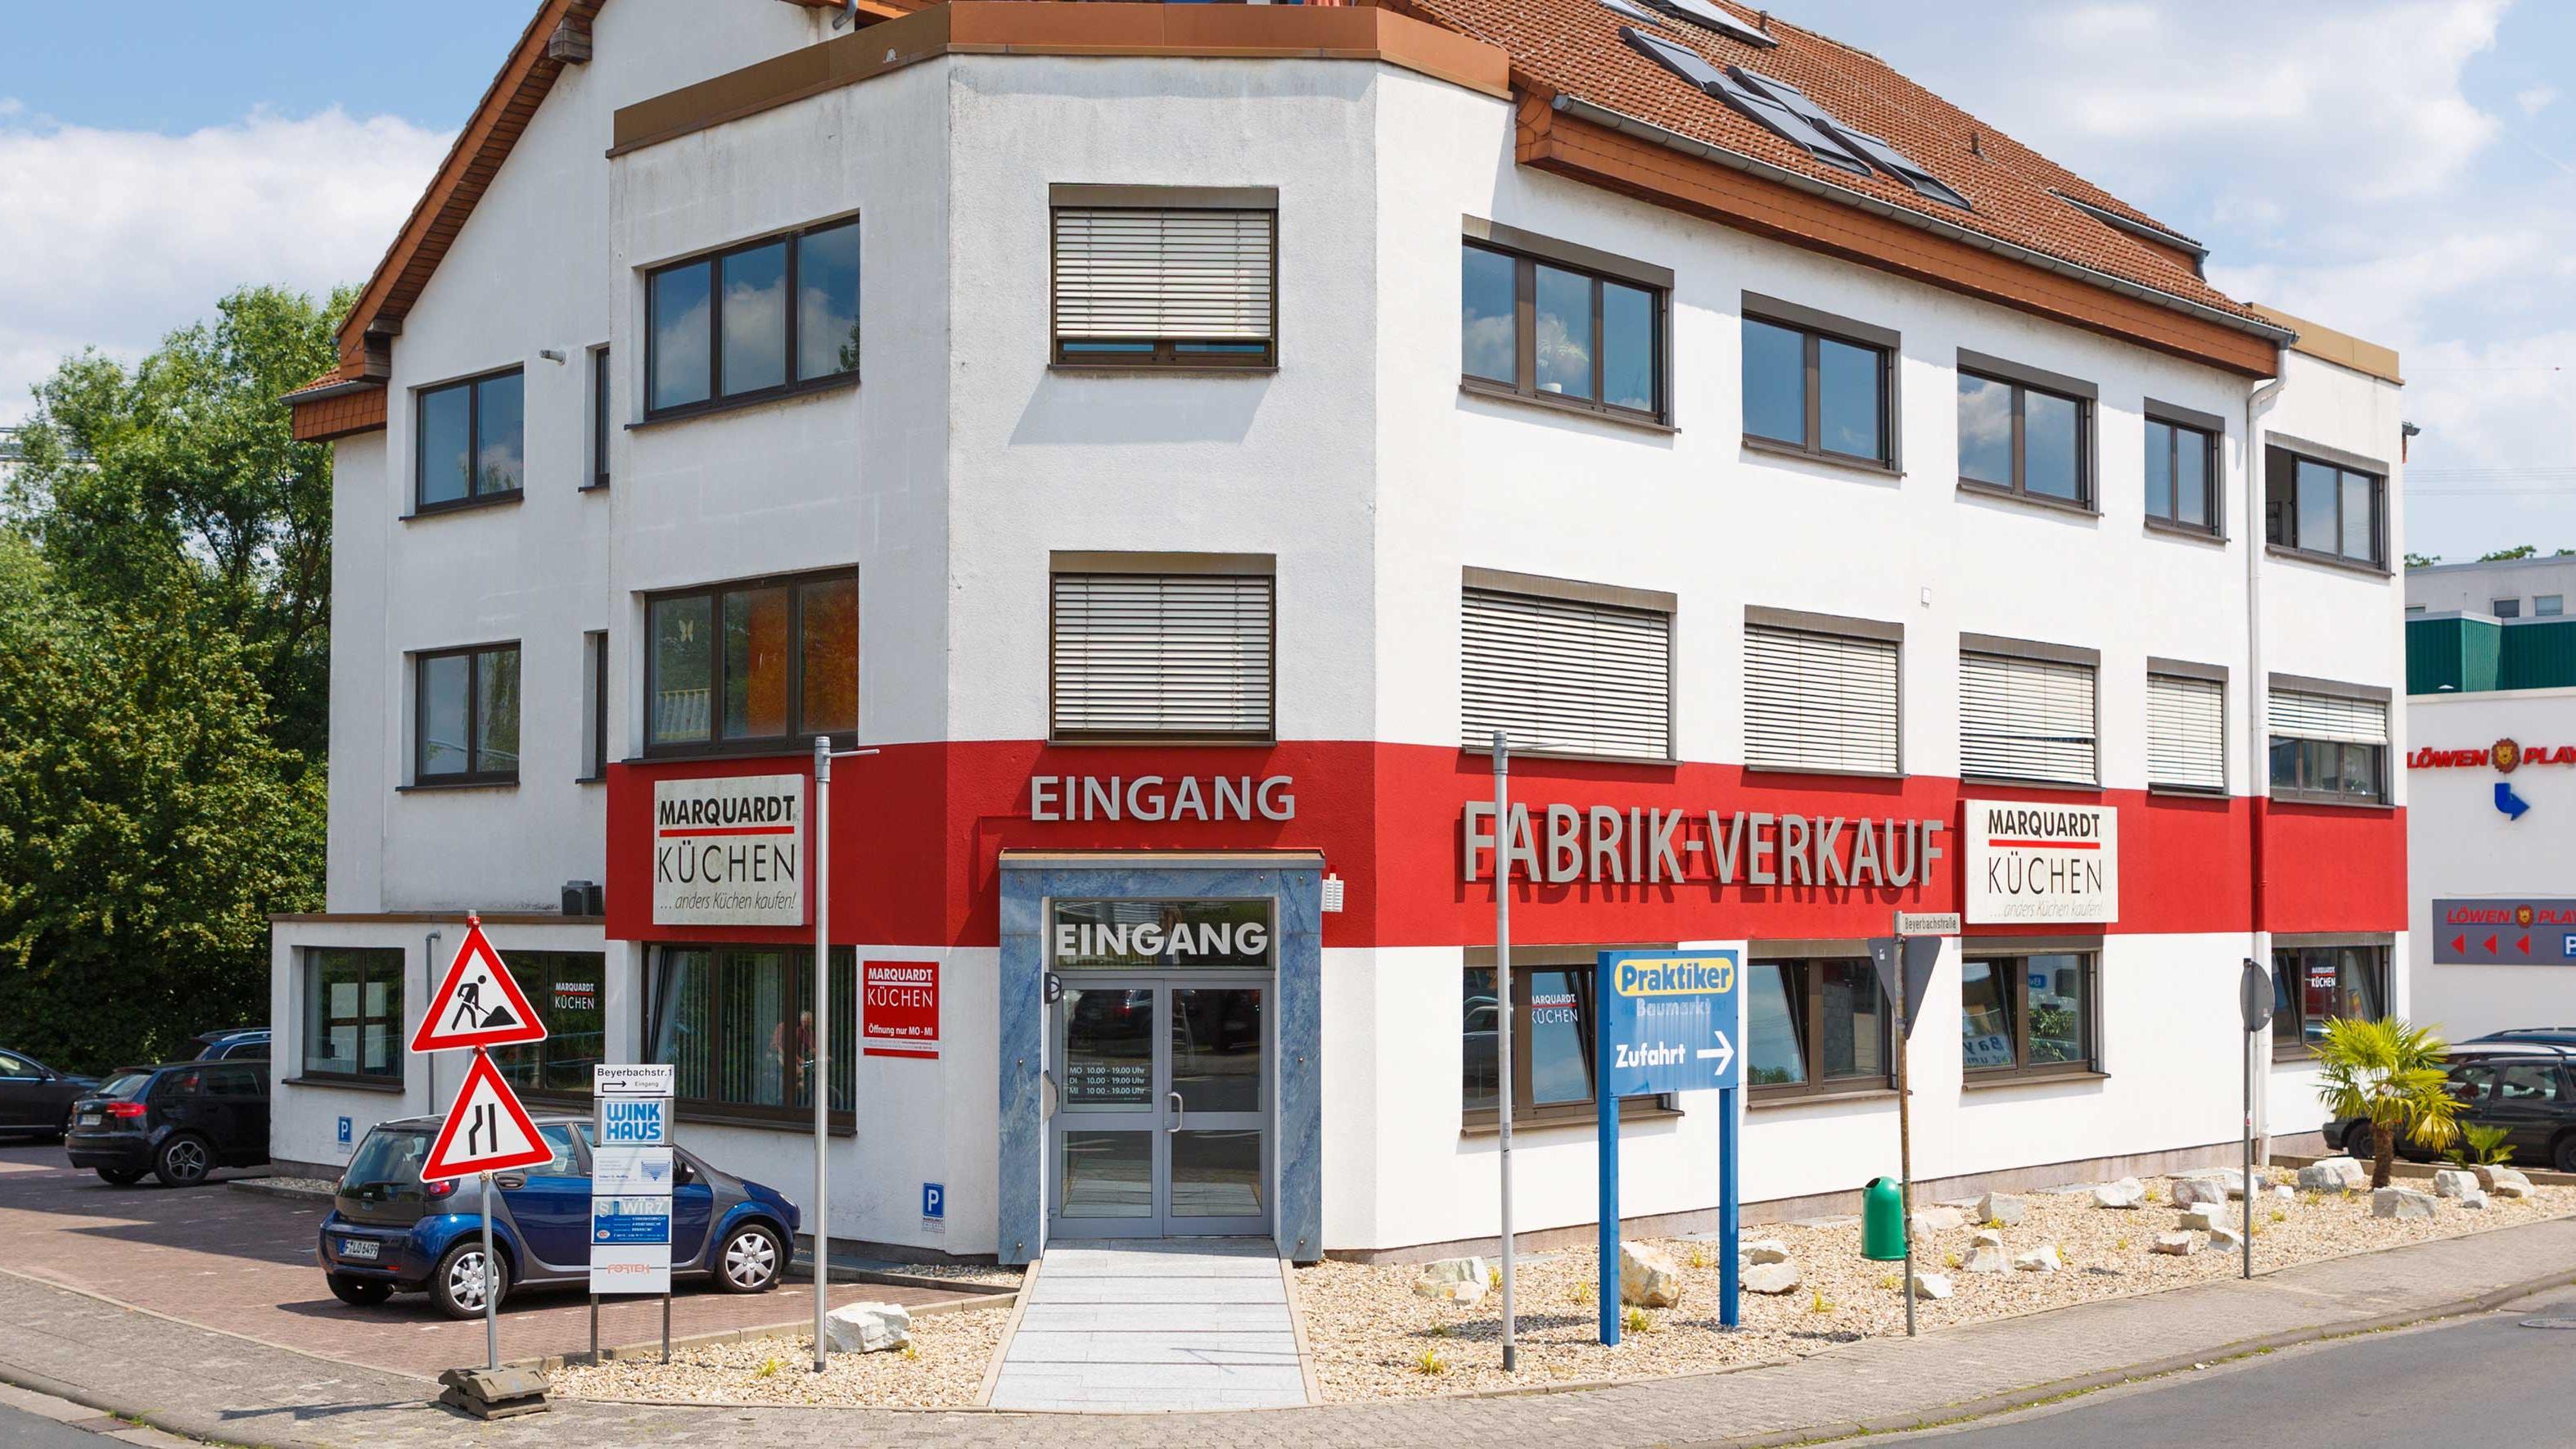 Marquardt Küchen • Kriftel, Beyerbachstraße 1 - Öffnungszeiten ...